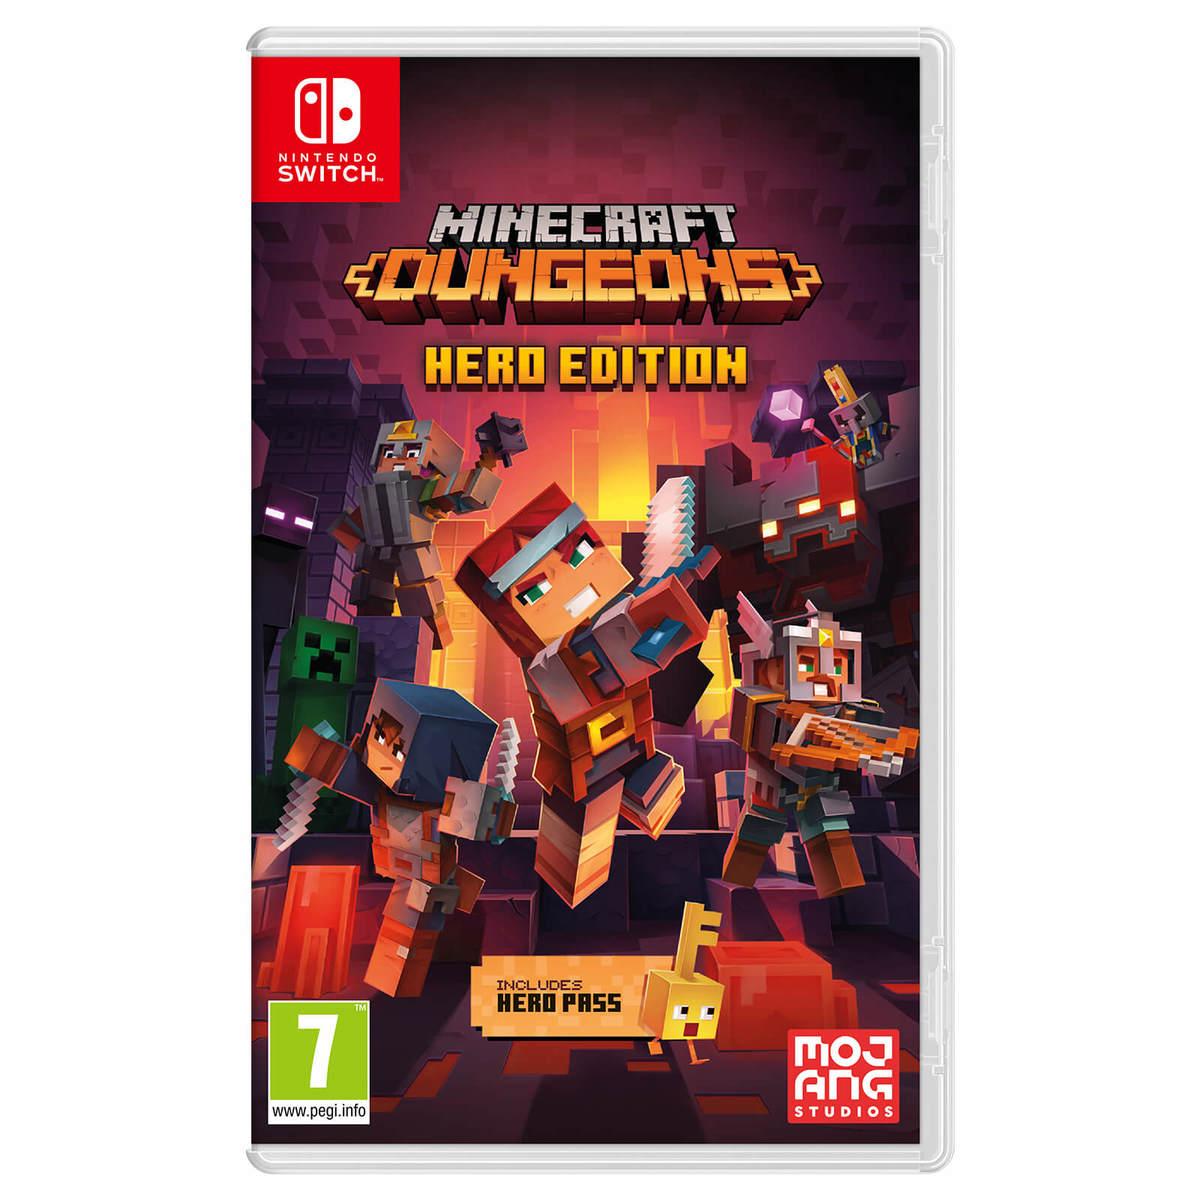 משחק Minecraft Dungeons - Hero Edition